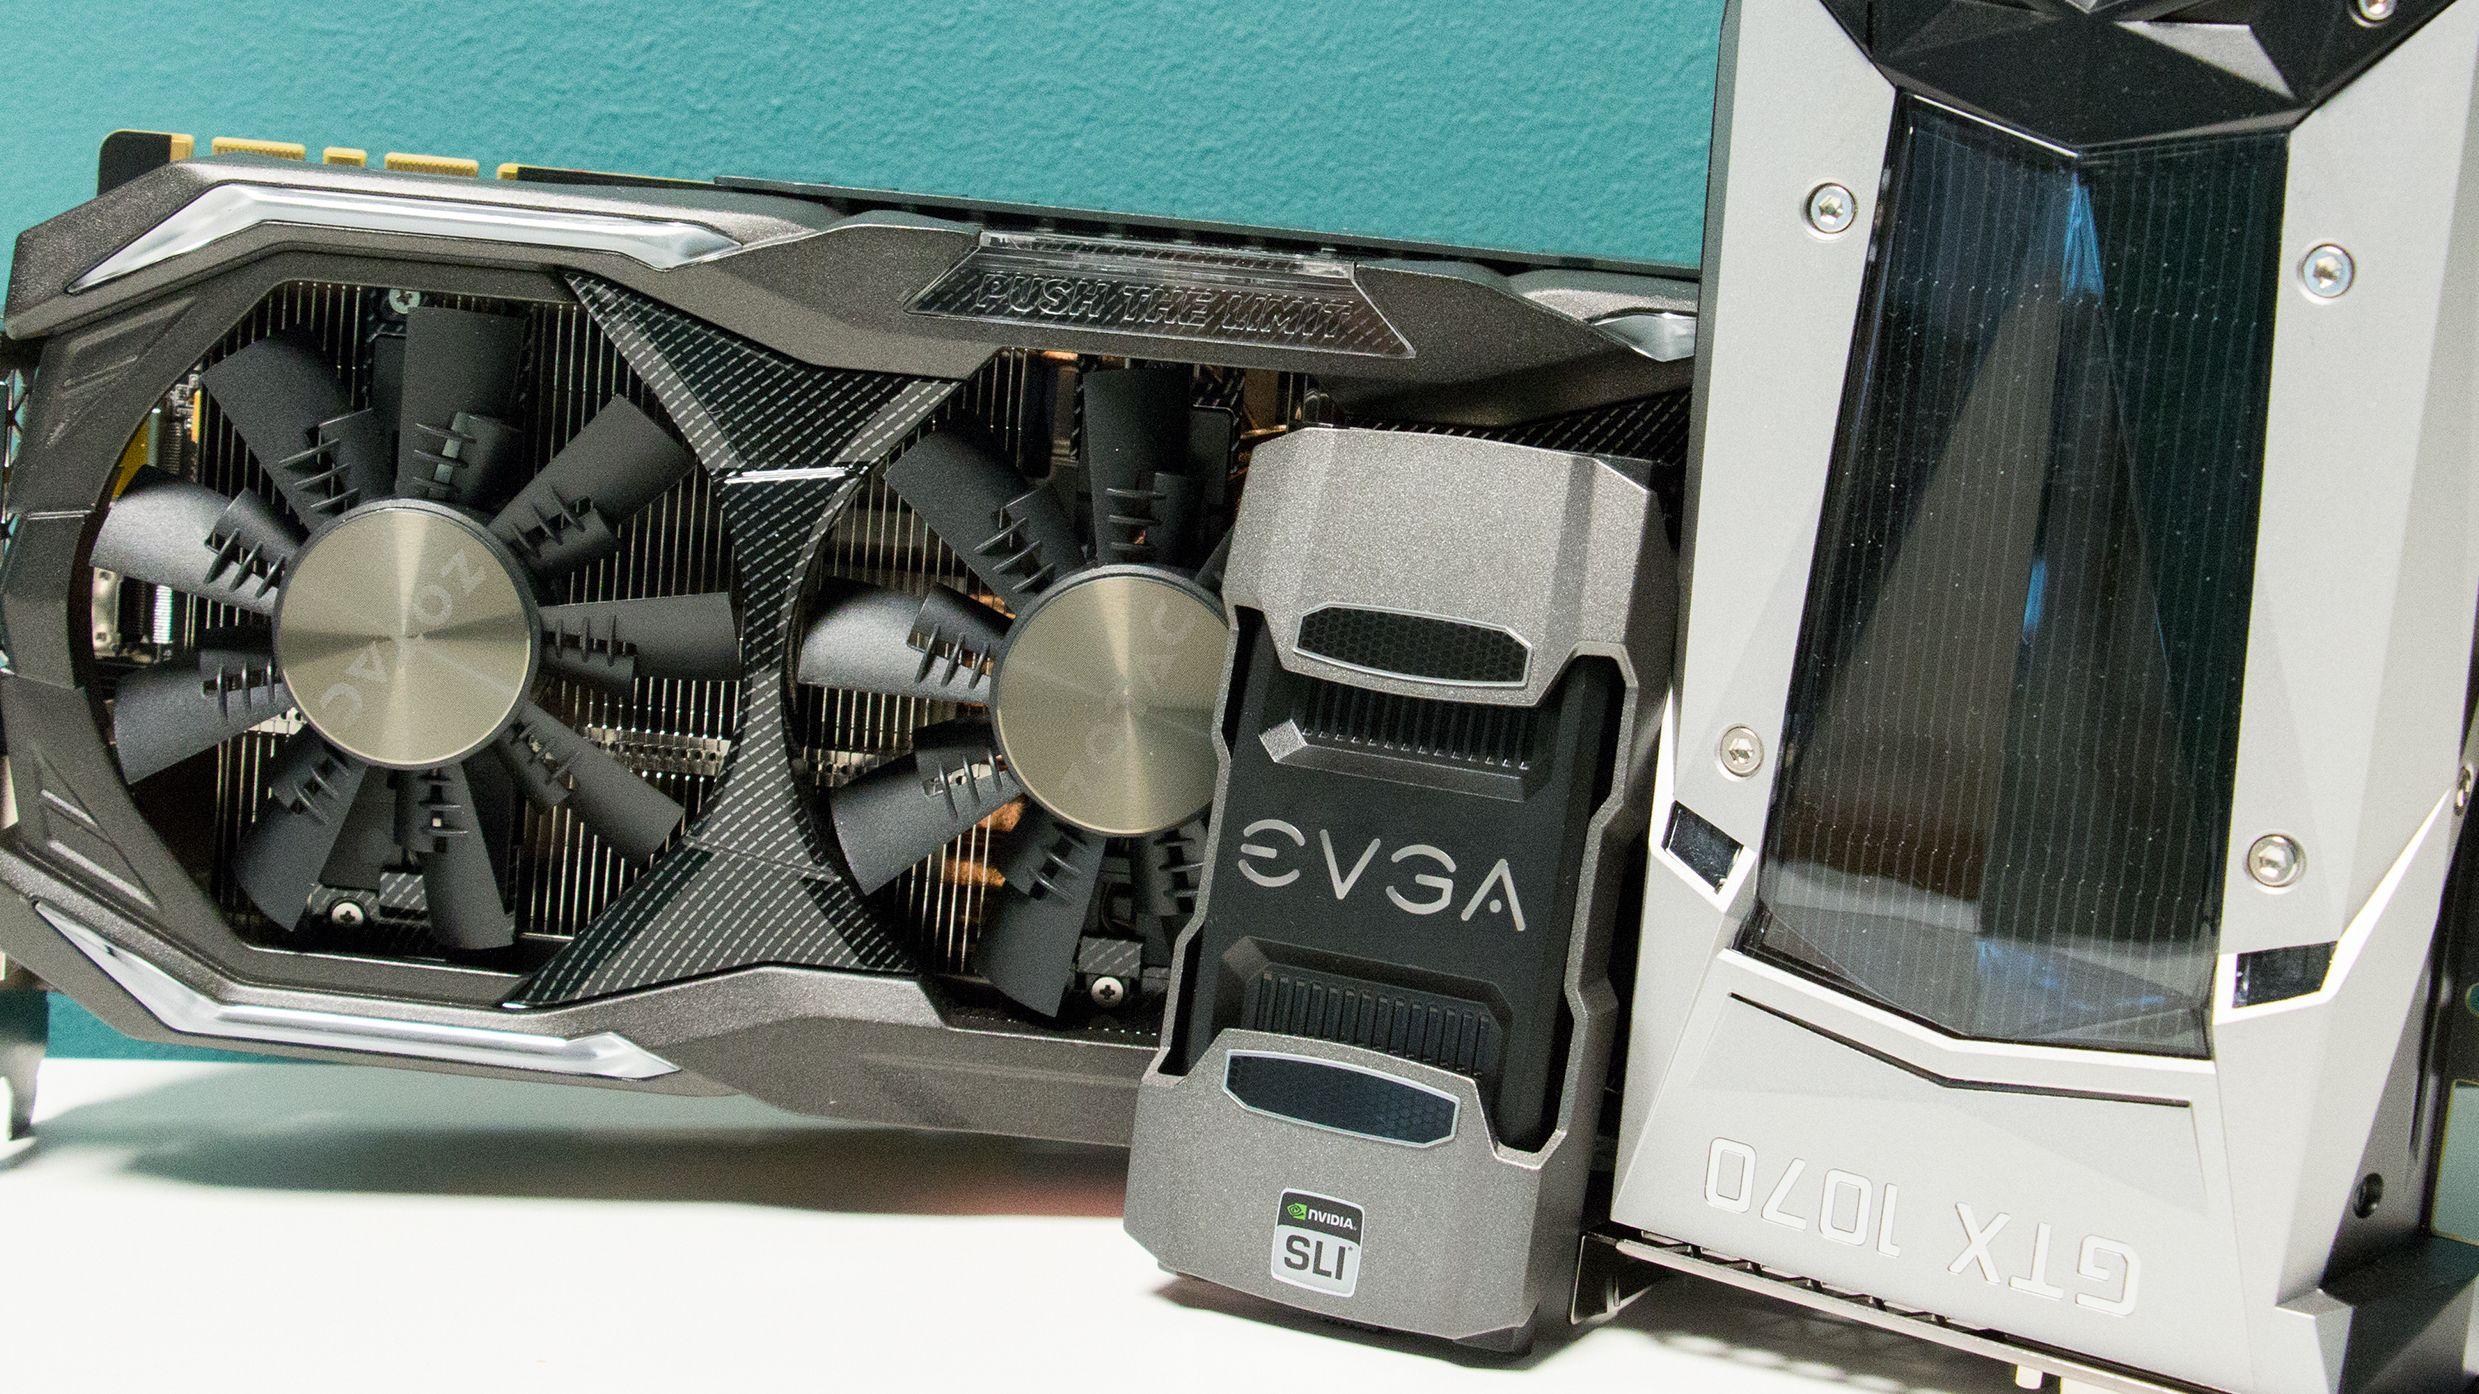 GTX 1070 SLI